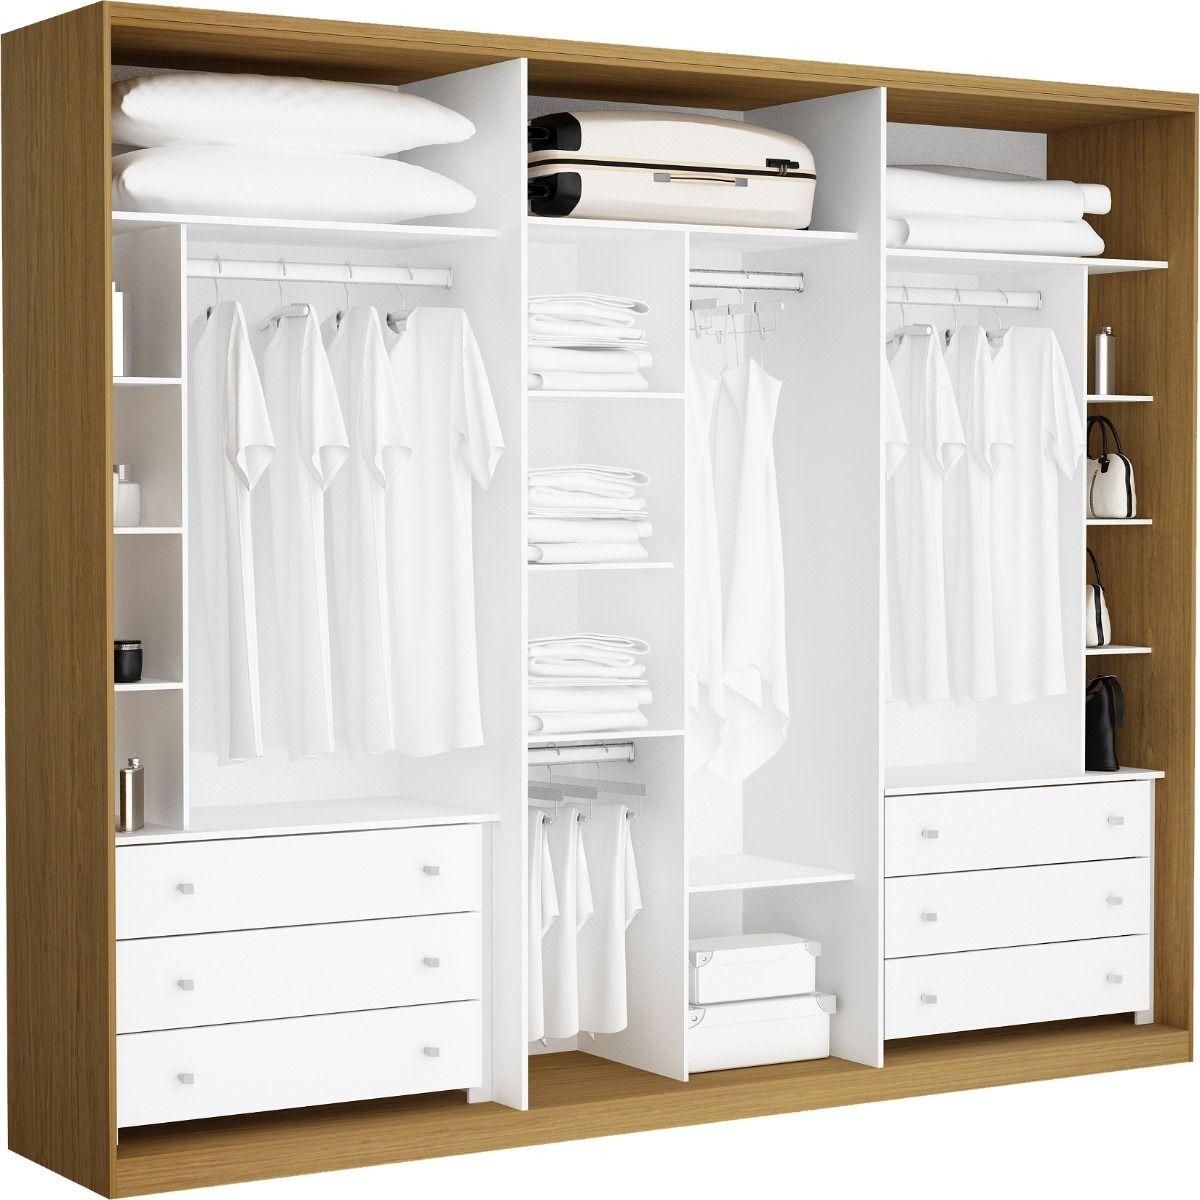 Roupeiro casal dise o de interiores pinterest - Diseno interior armario ...